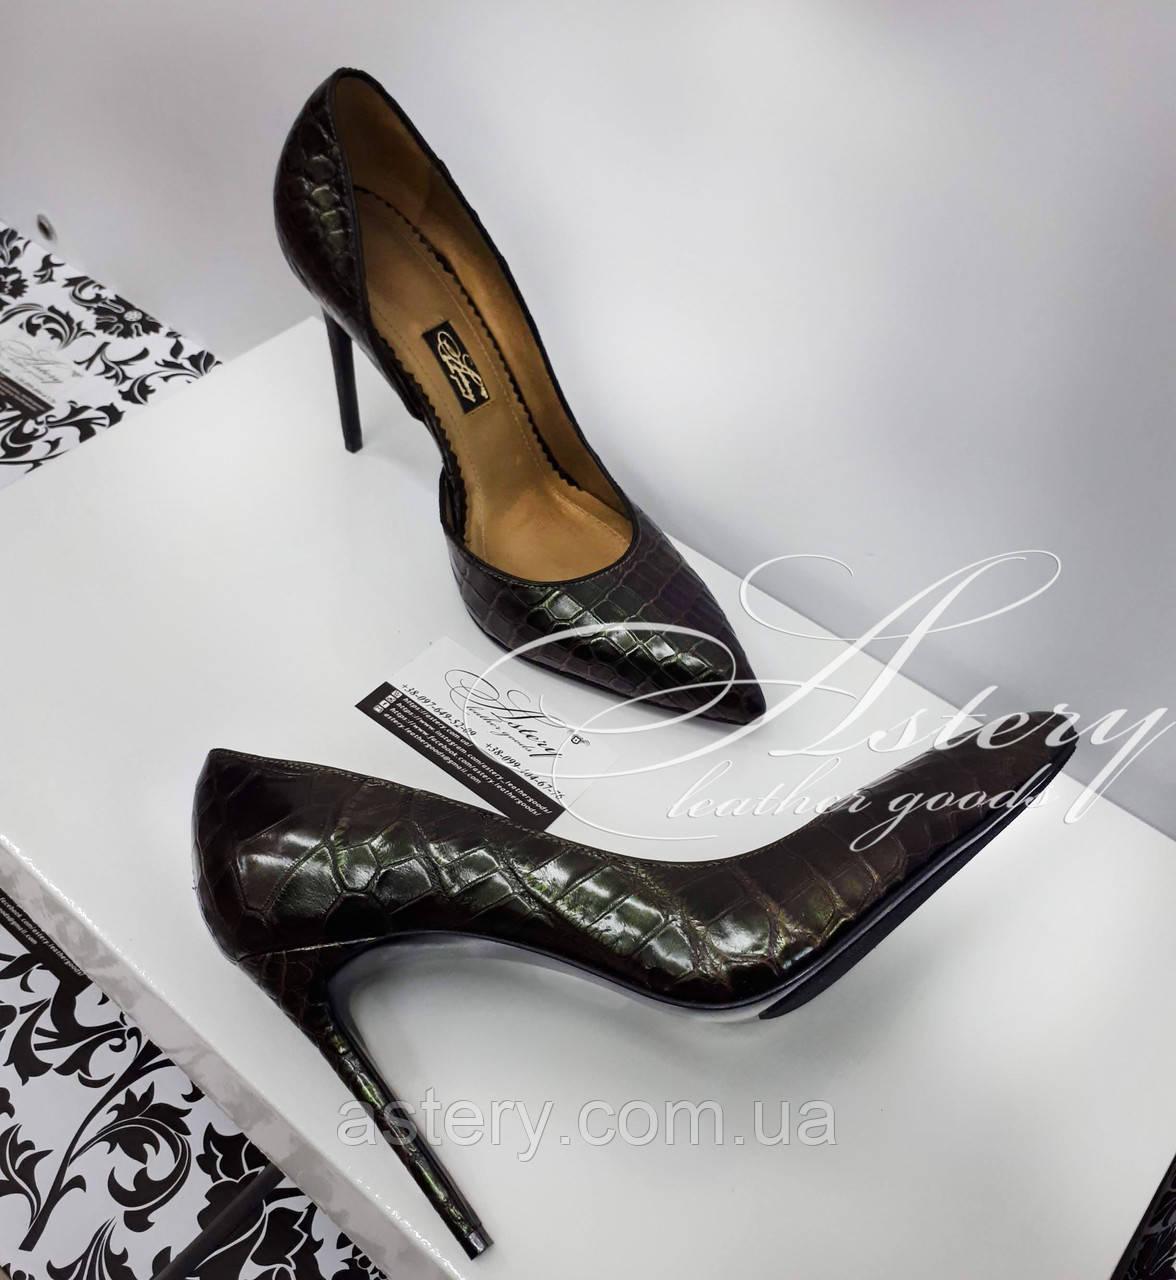 Жіночі темно-зелені туфлі з крокодила на шпильці